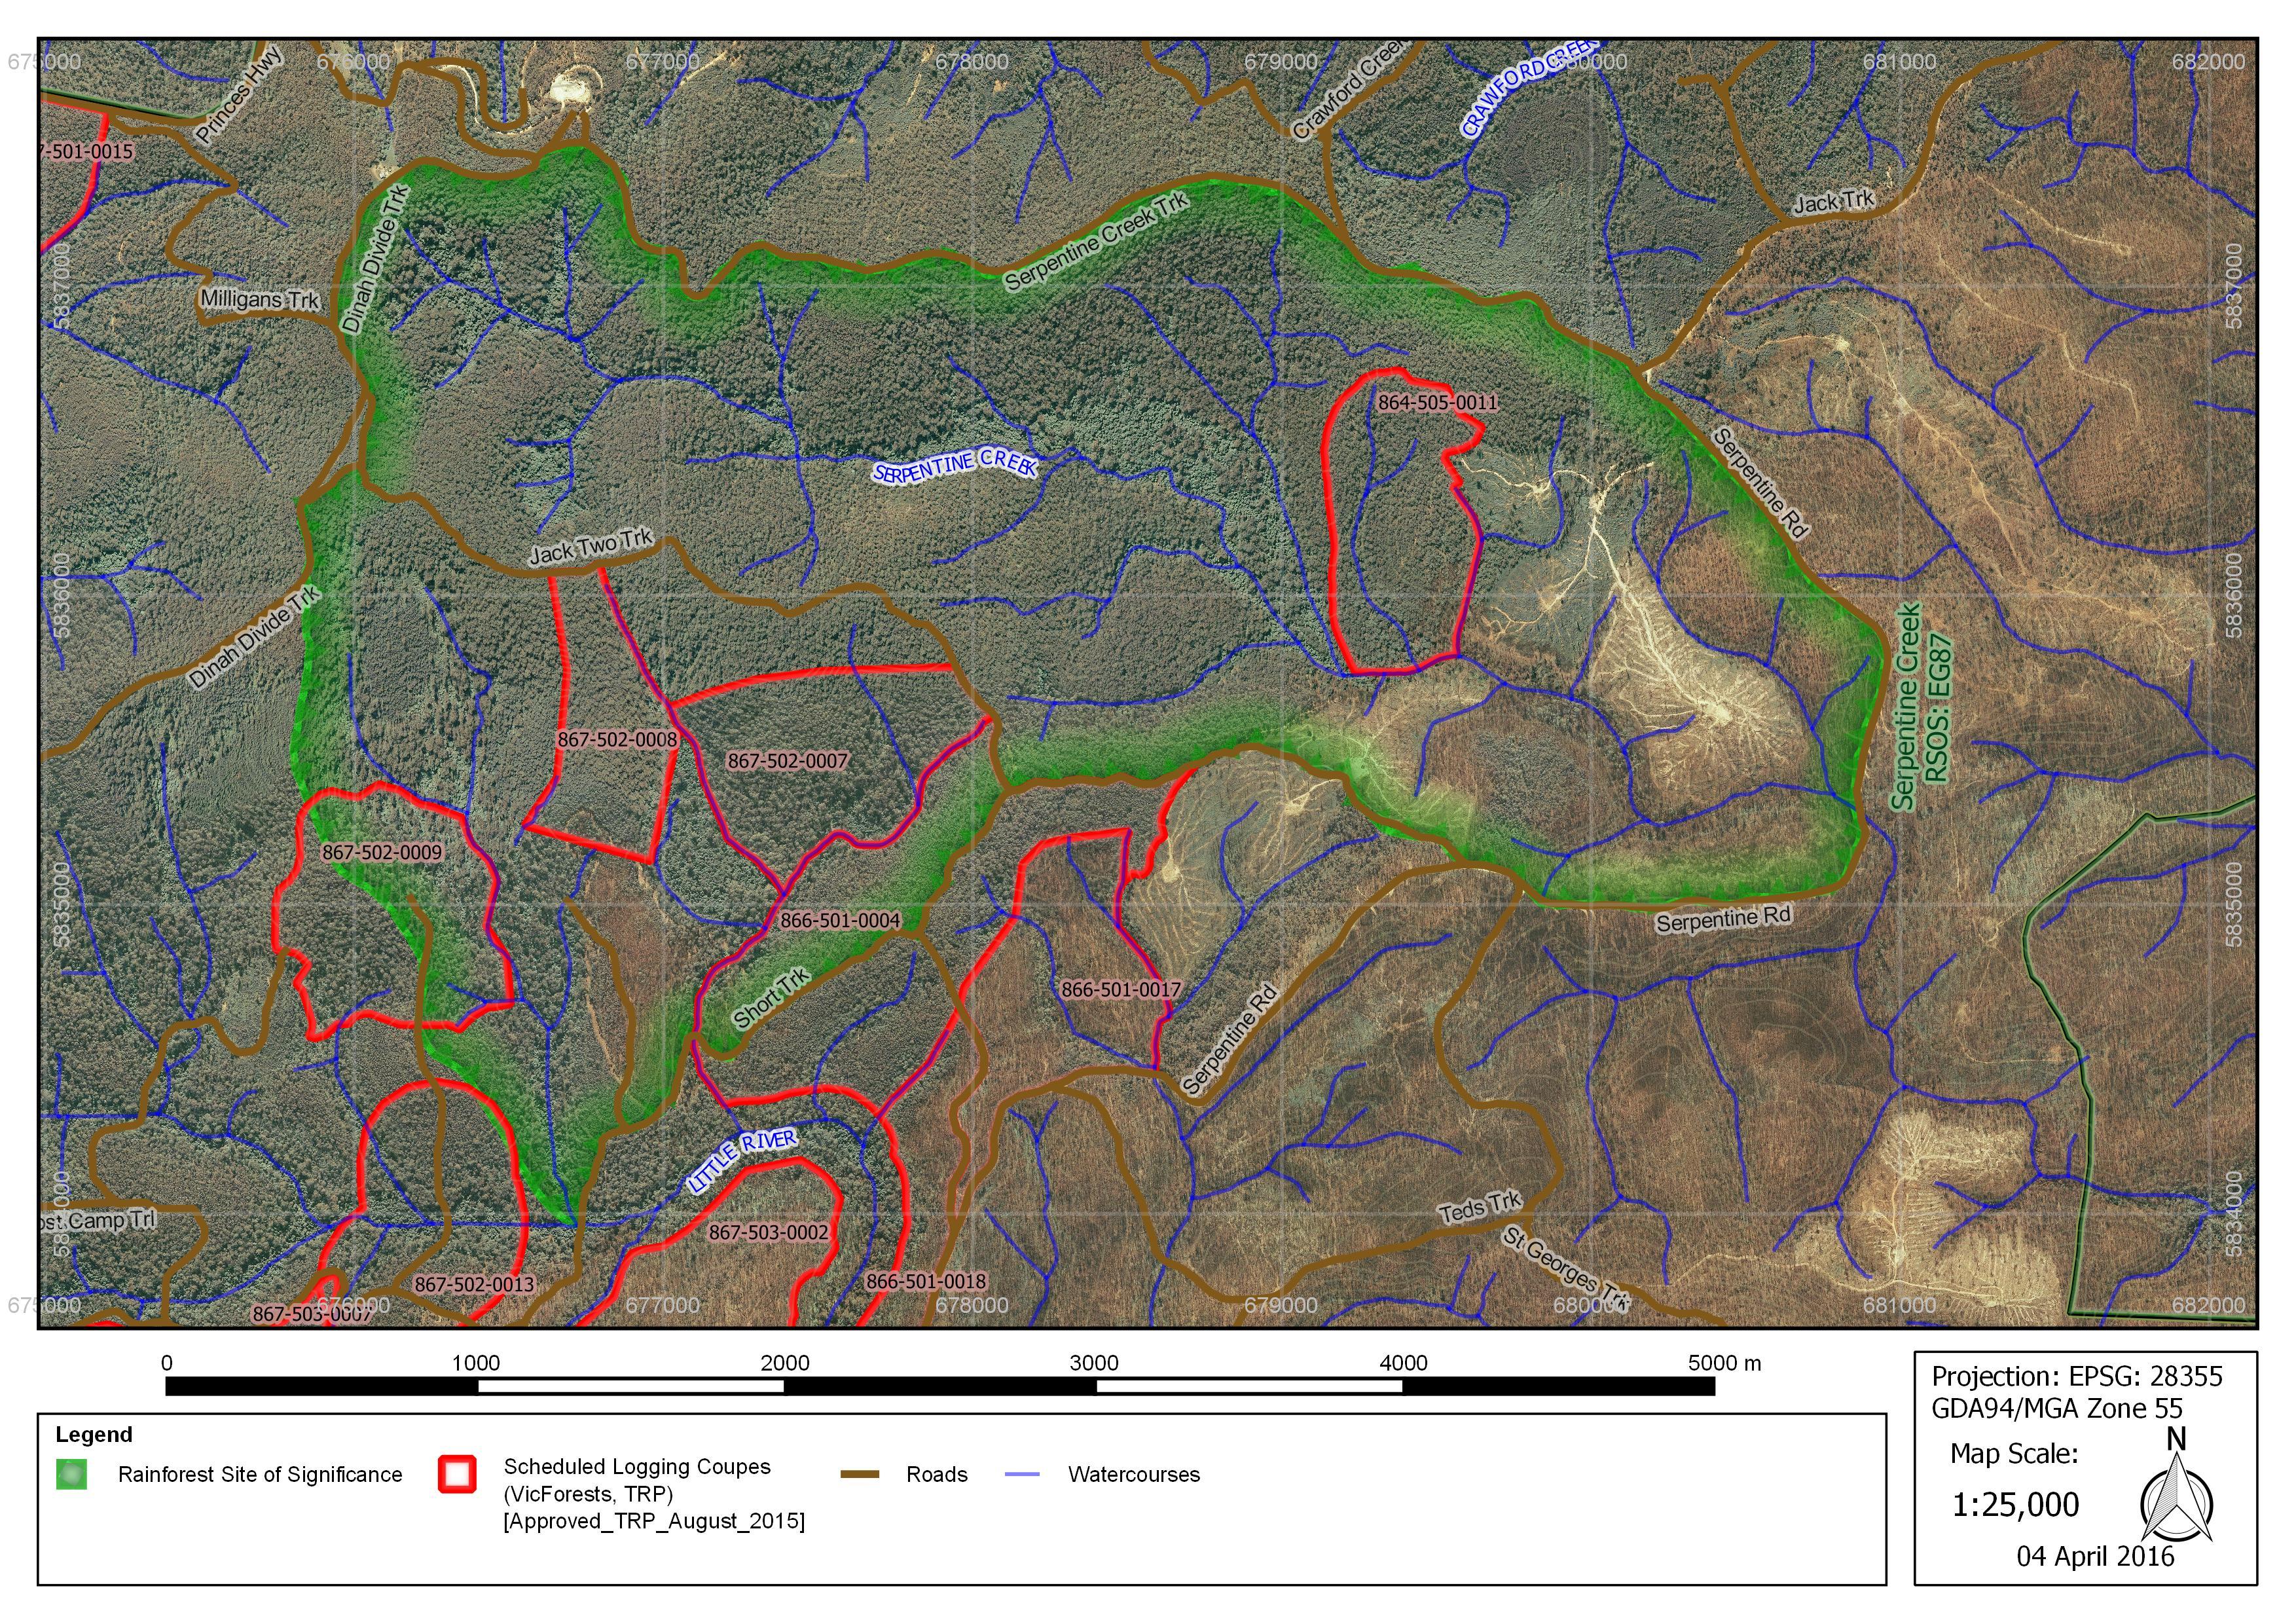 160404_-_1-25000_Overview_Map_-_Serpentine_Creek_RSOS_EG87.jpeg